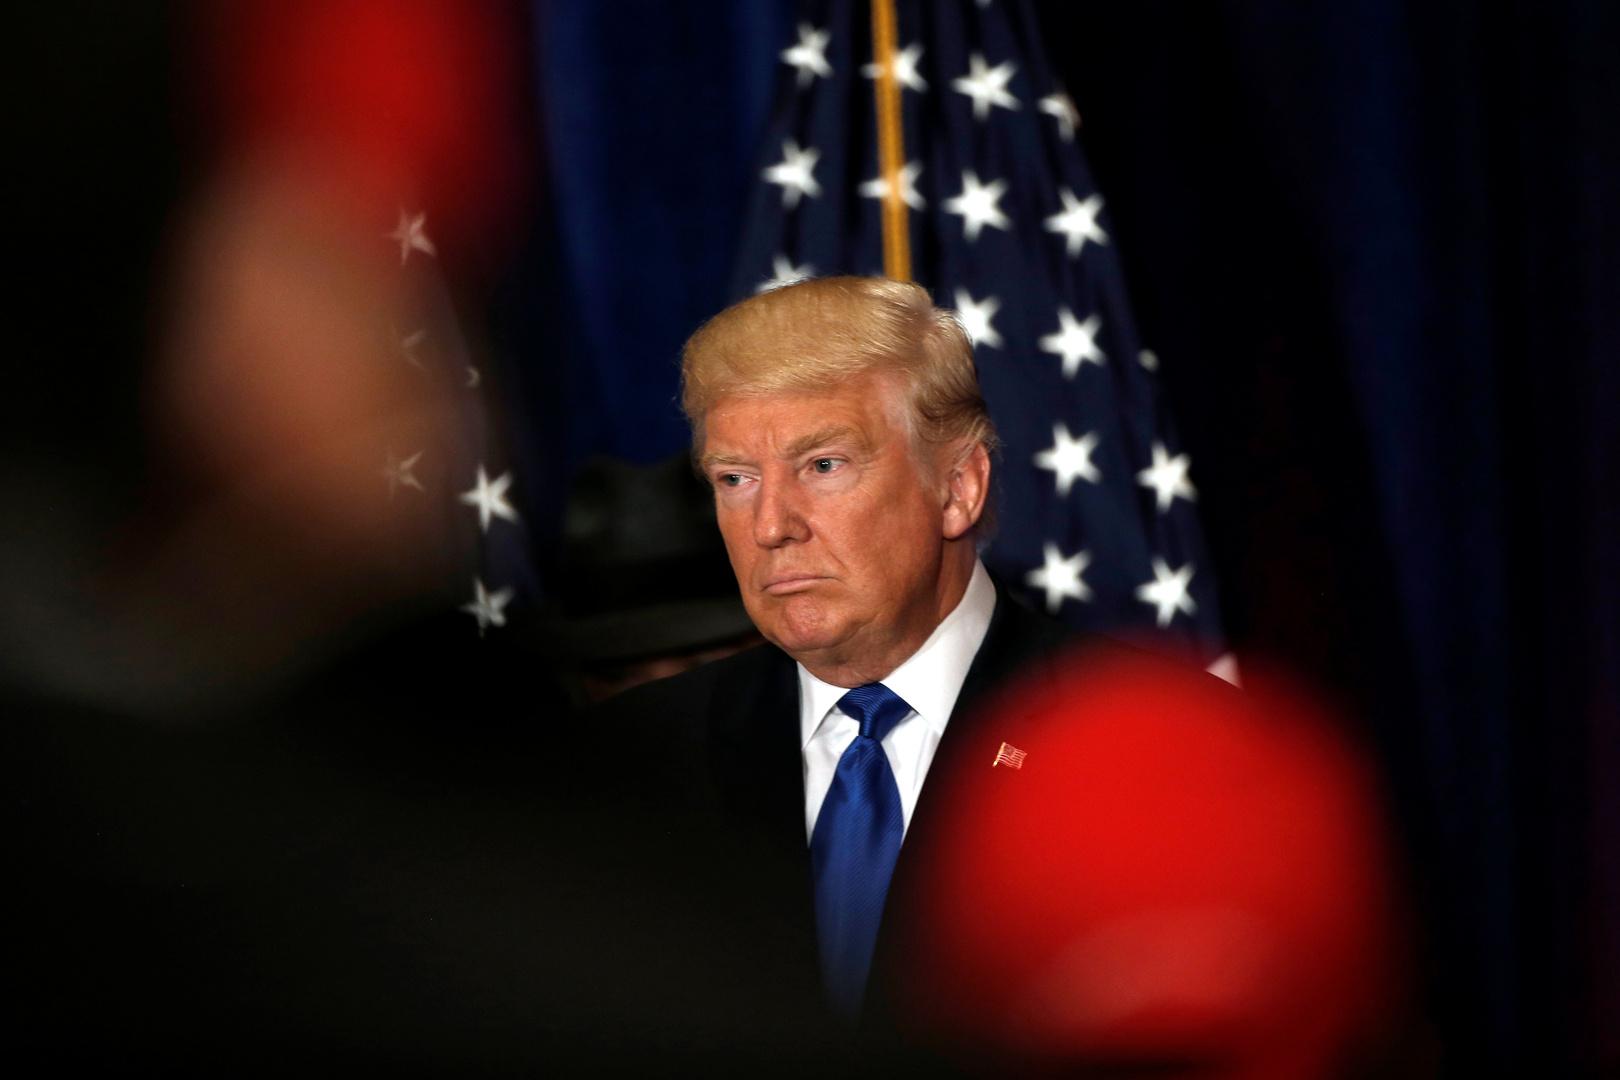 بعد أيام من اختفائه.. ترامب يظهر من جديد (فيديو)